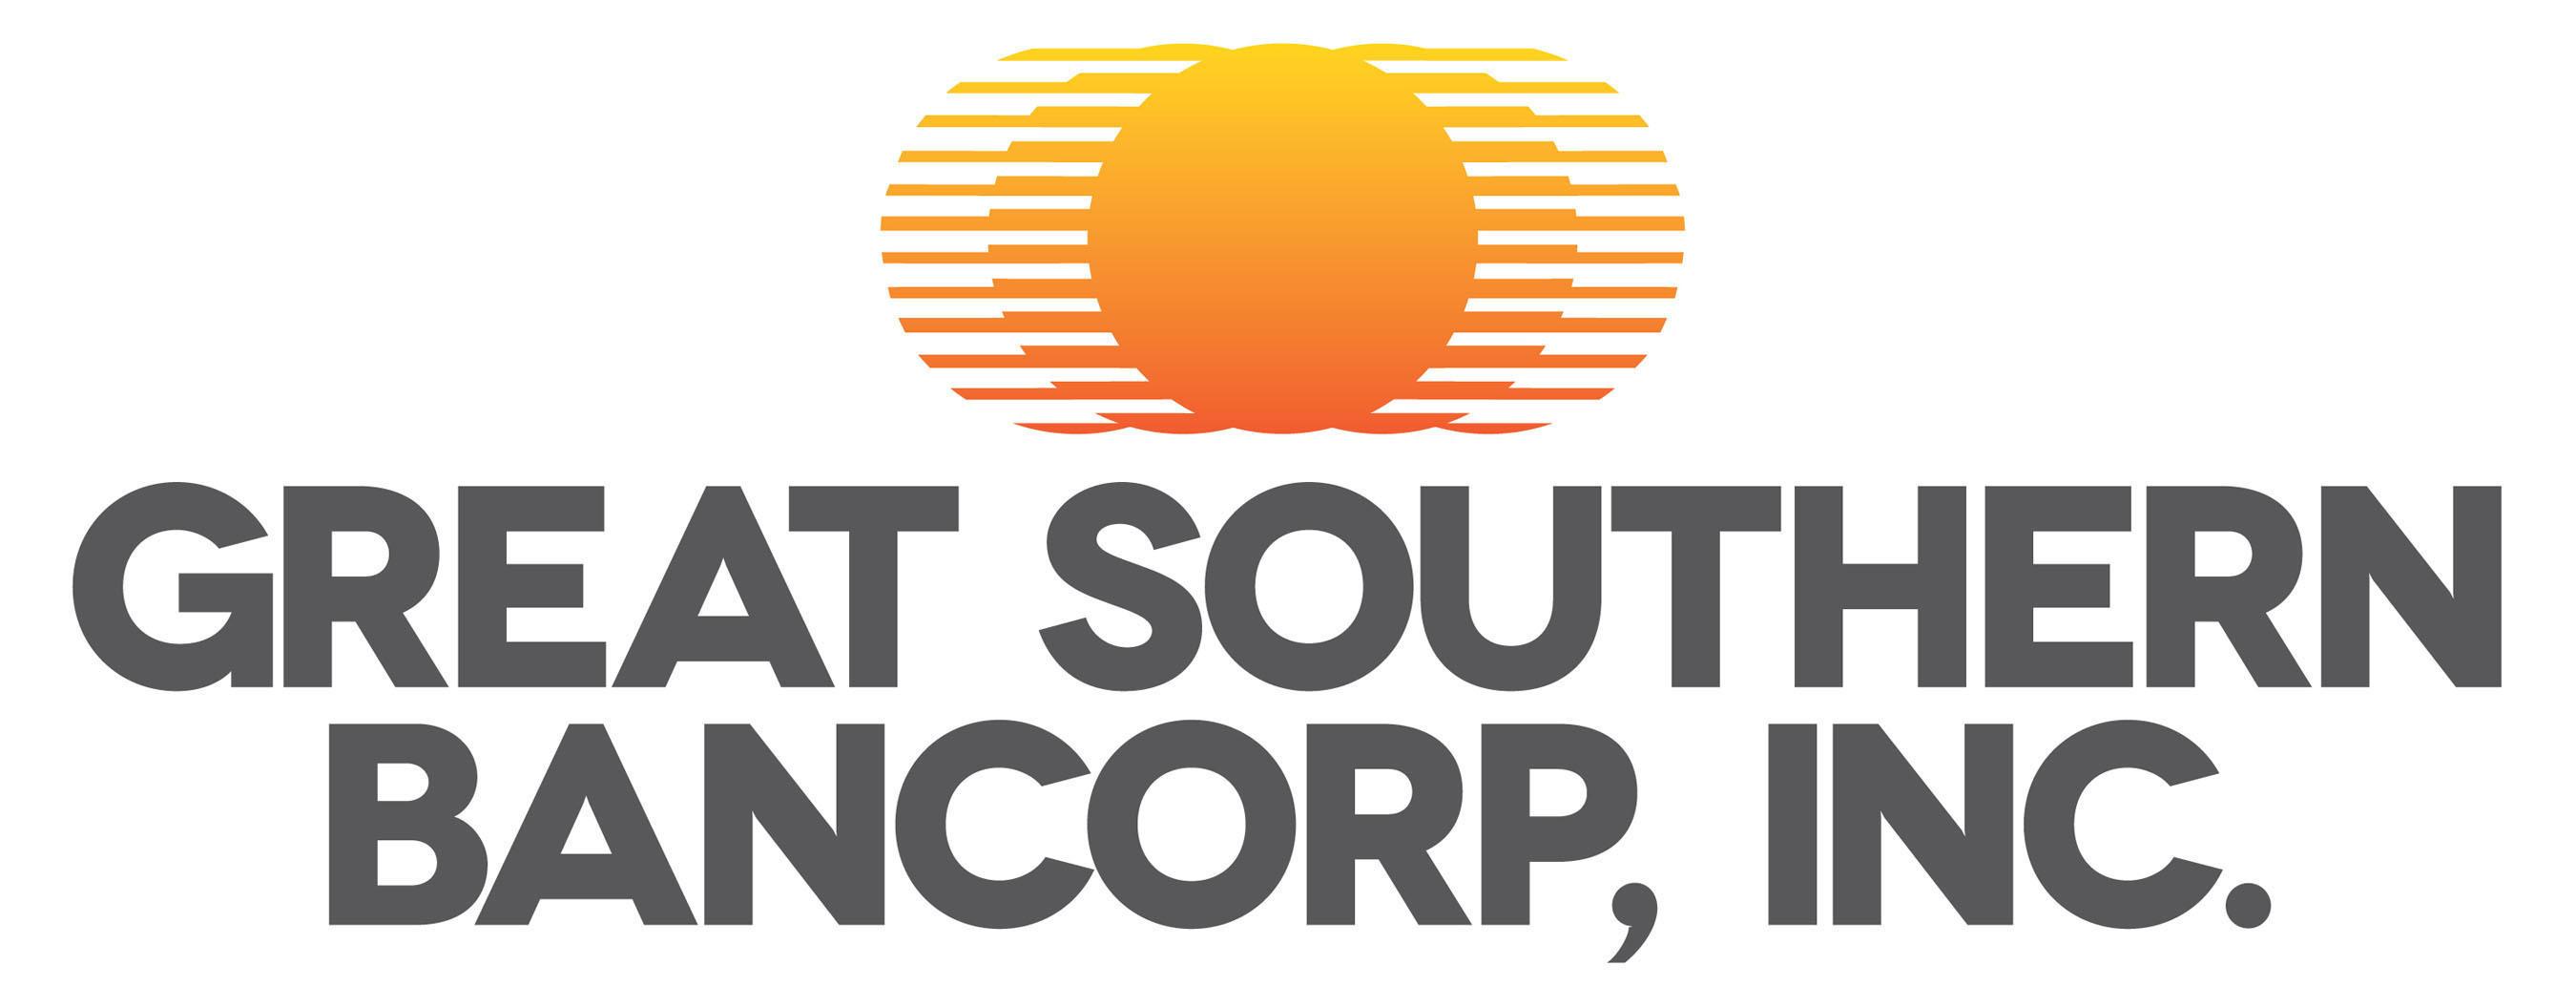 Great Southern Bancorp logo. (PRNewsFoto/Great Southern Bancorp, Inc.)